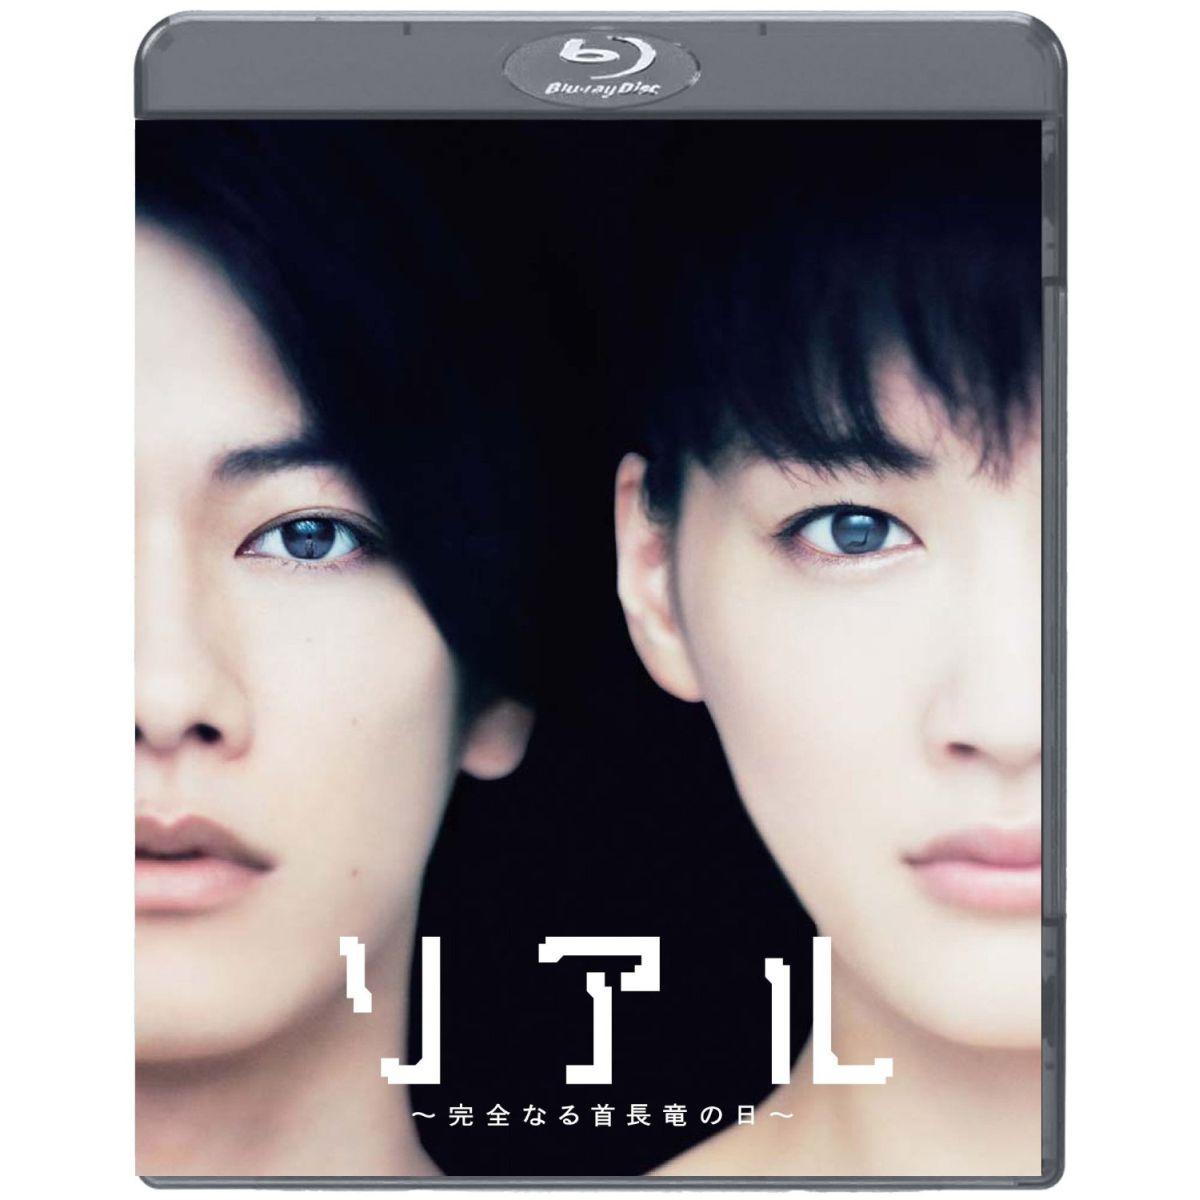 リアル〜完全なる首長竜の日〜Blu-rayスタンダード・エディション[ASBD-1100][Blu-ray/ブルーレイ] 製品画像